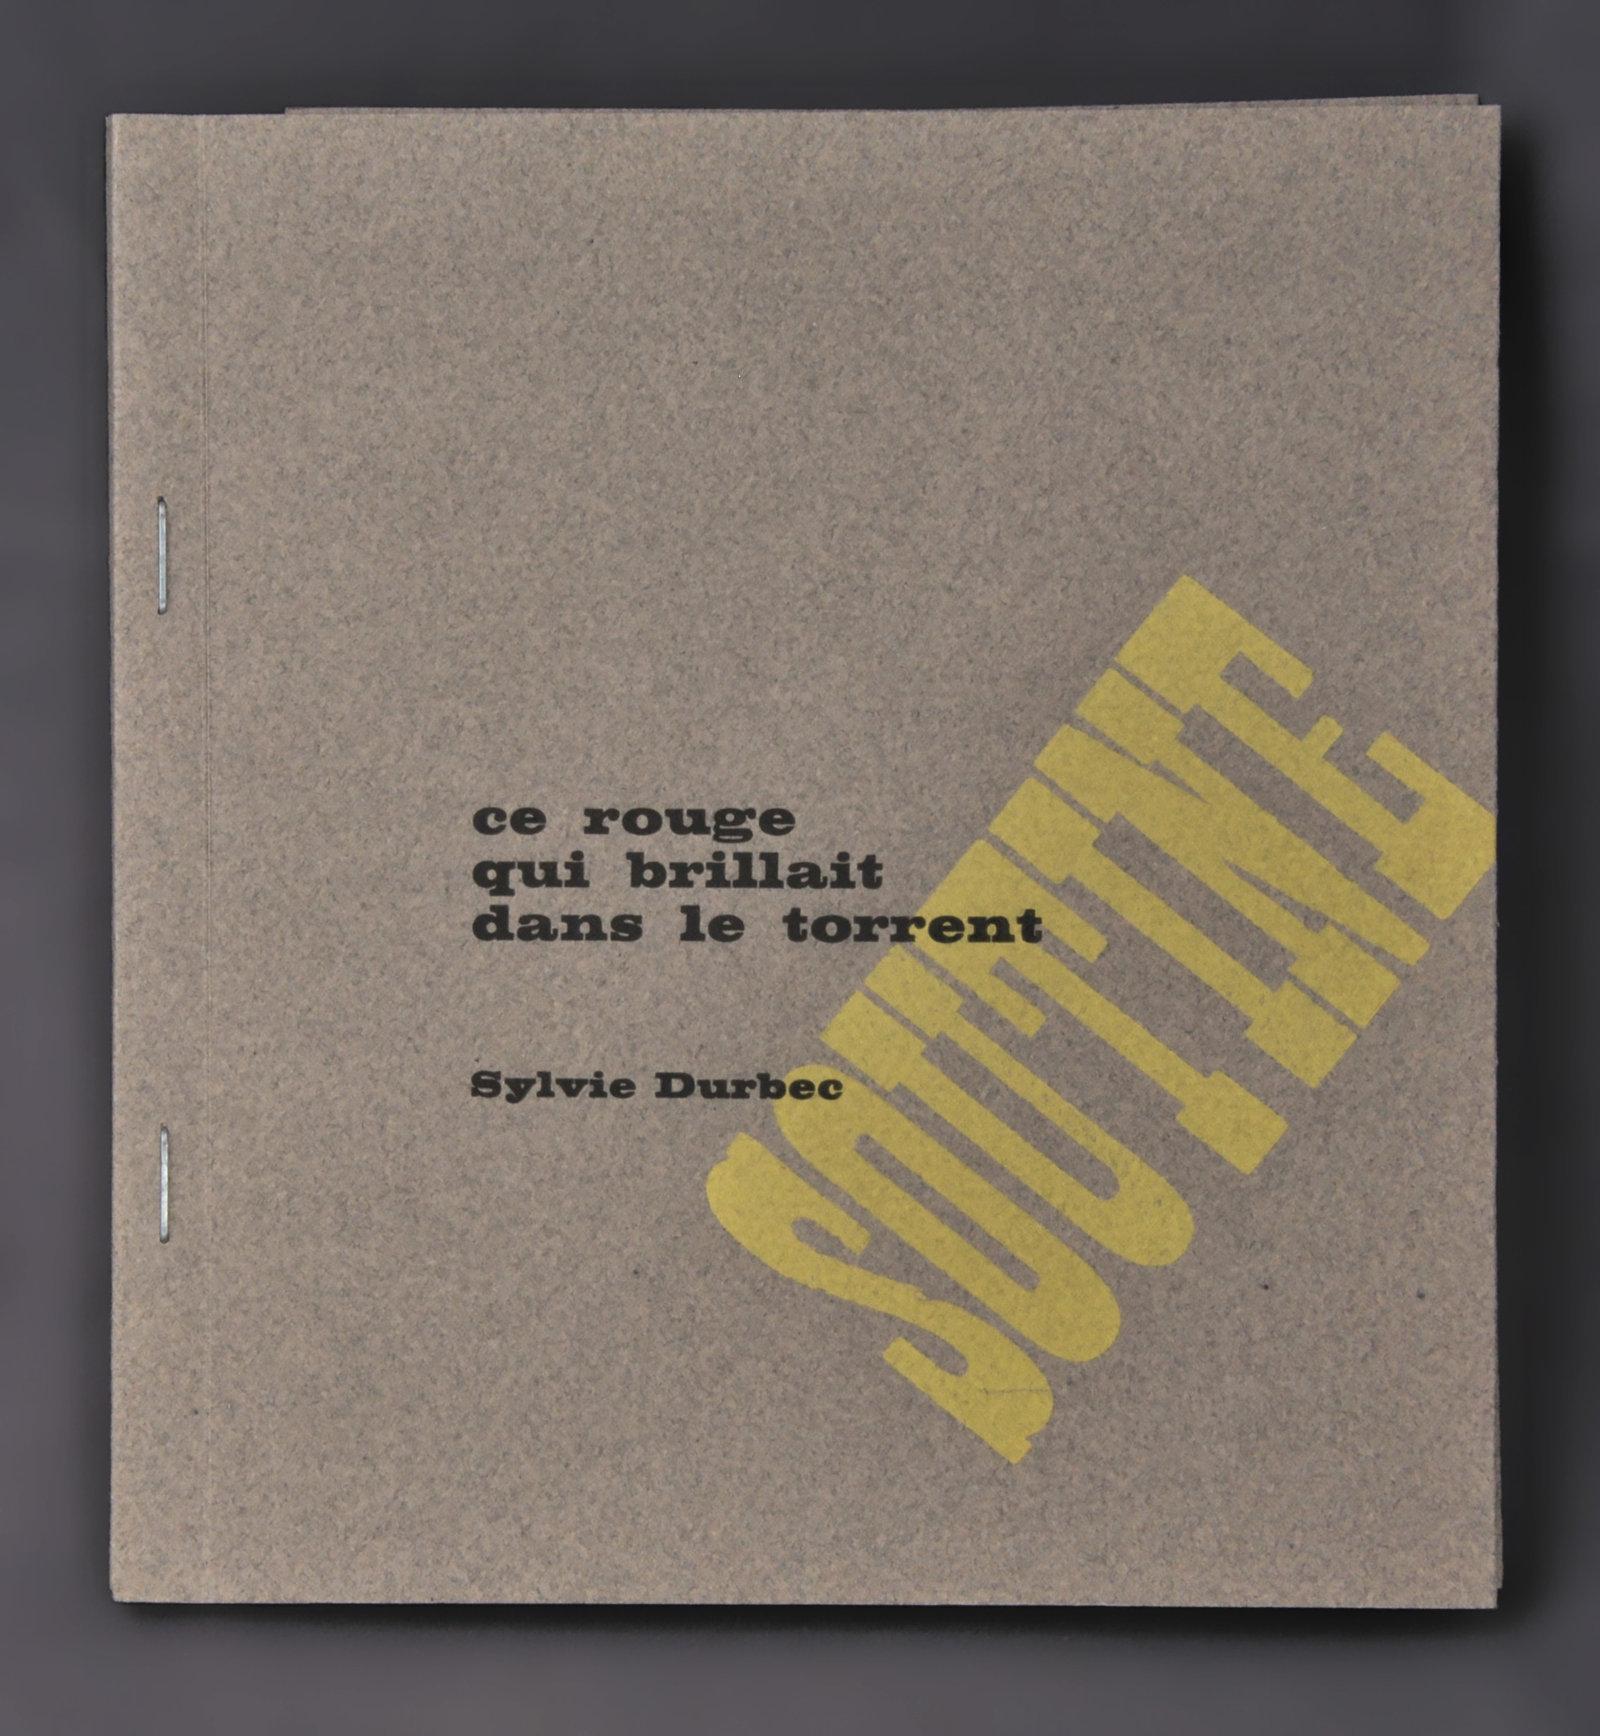 Ce rouge qui brillait dans le torrent | Durbec, Sylvie (1952-....). Auteur